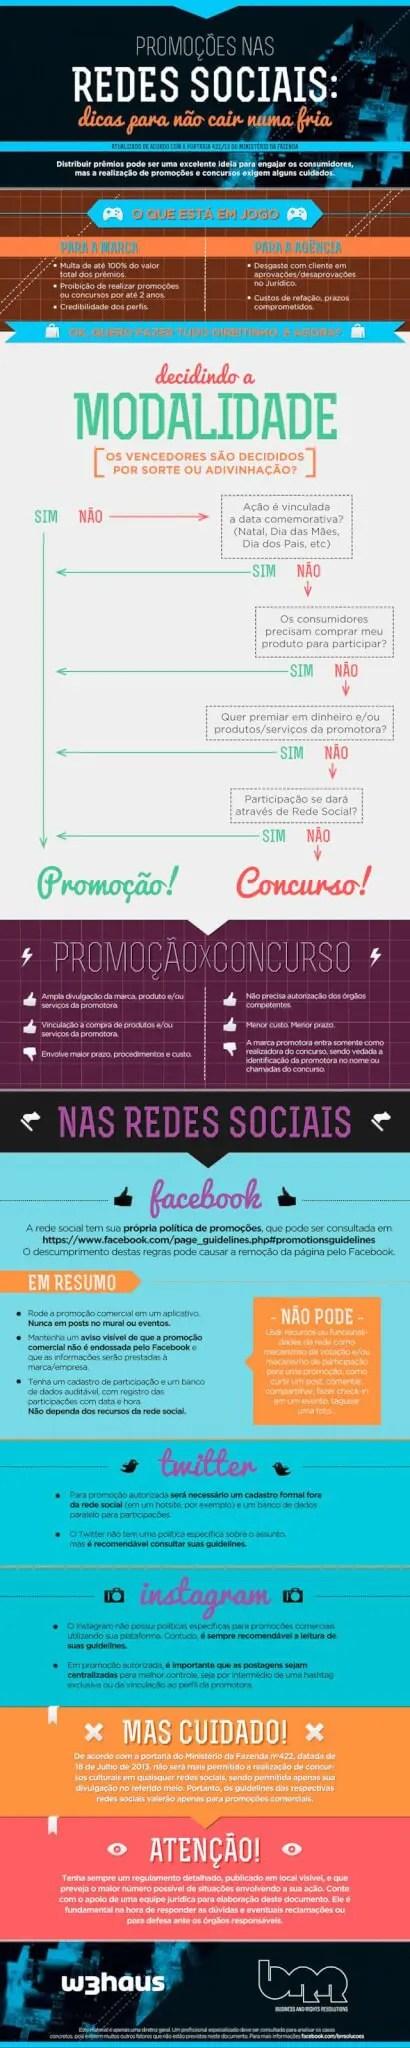 promoção concursos redes sociais